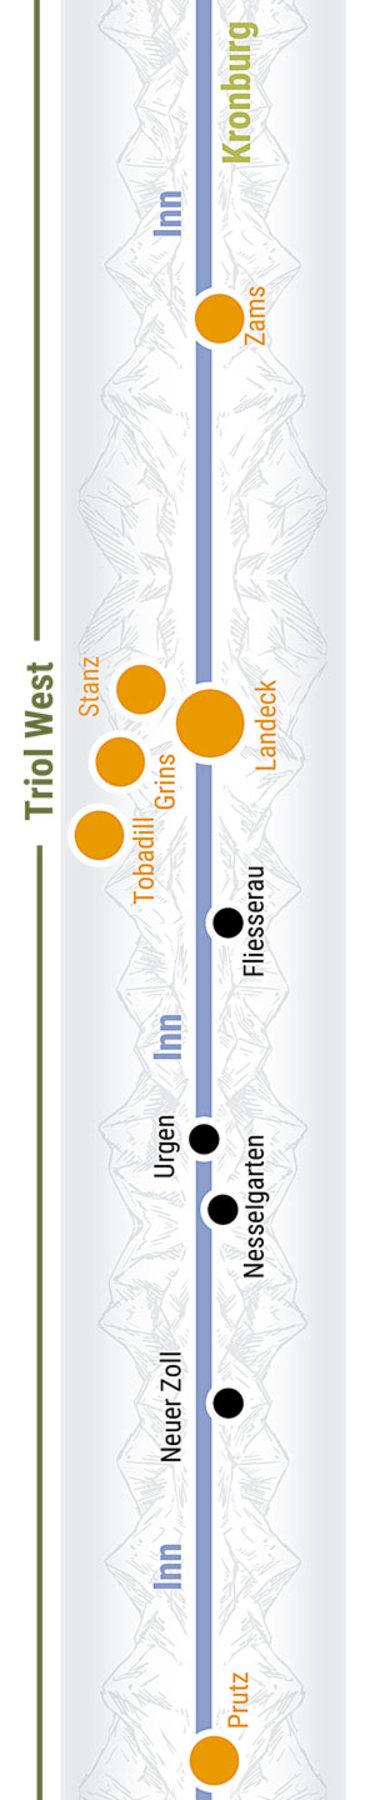 Übersichtskarte rechts Teilabschnitt 18 Tirol West